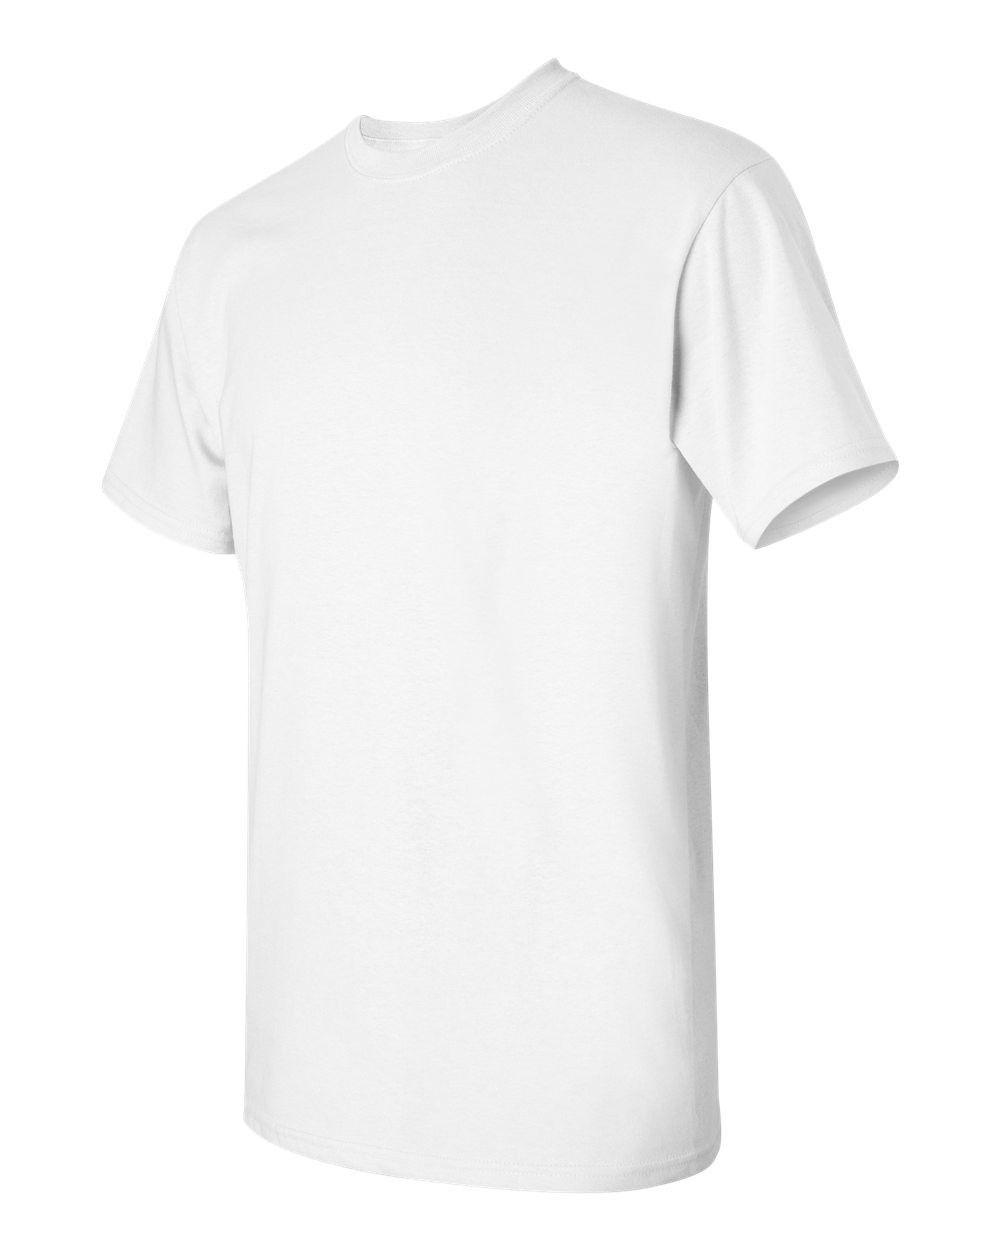 Gildan* T-SHIRTS Blank Bulk Lot Colors Or And Similar Items